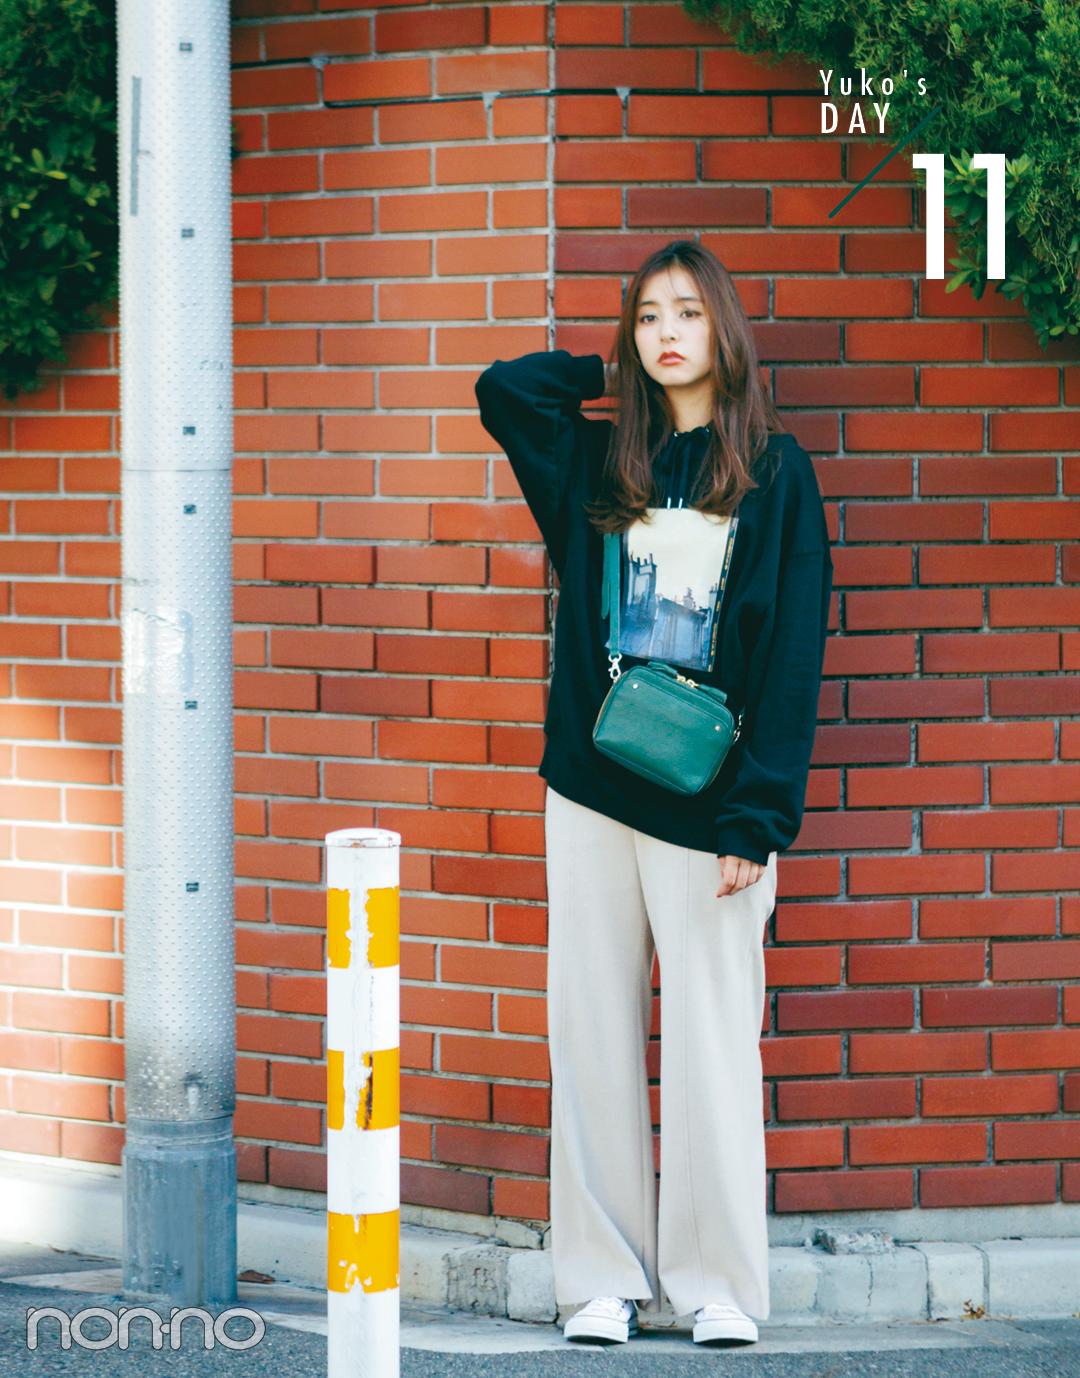 Yuko's DAY11